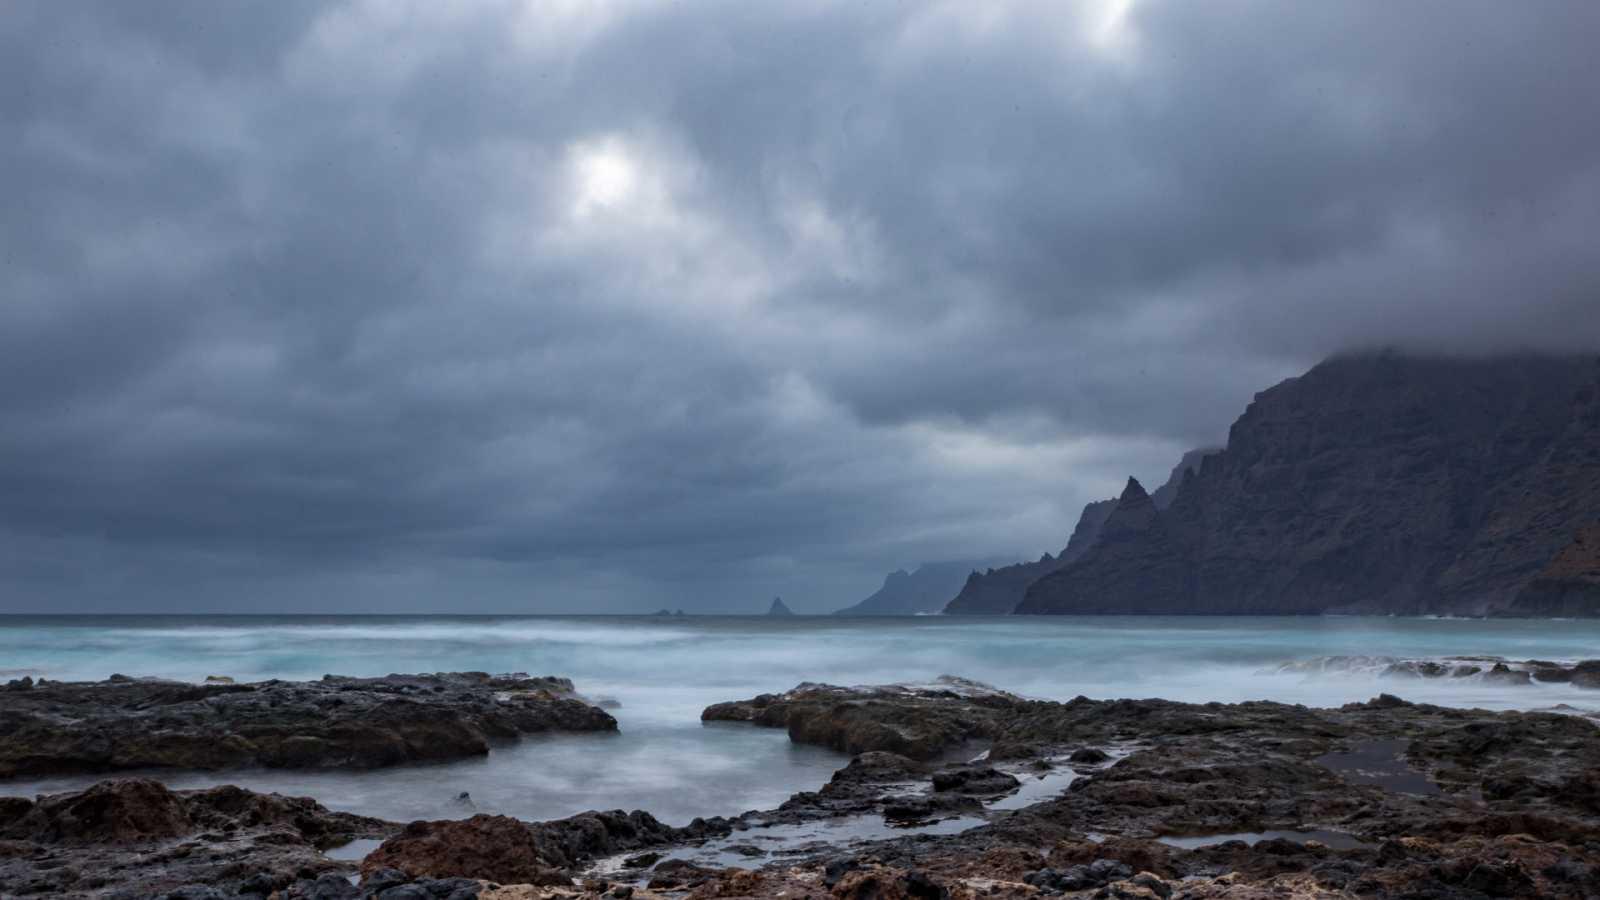 Lluvias fuertes en el oeste de Canarias y Cádiz con temporal en el Estrecho - Ver ahora